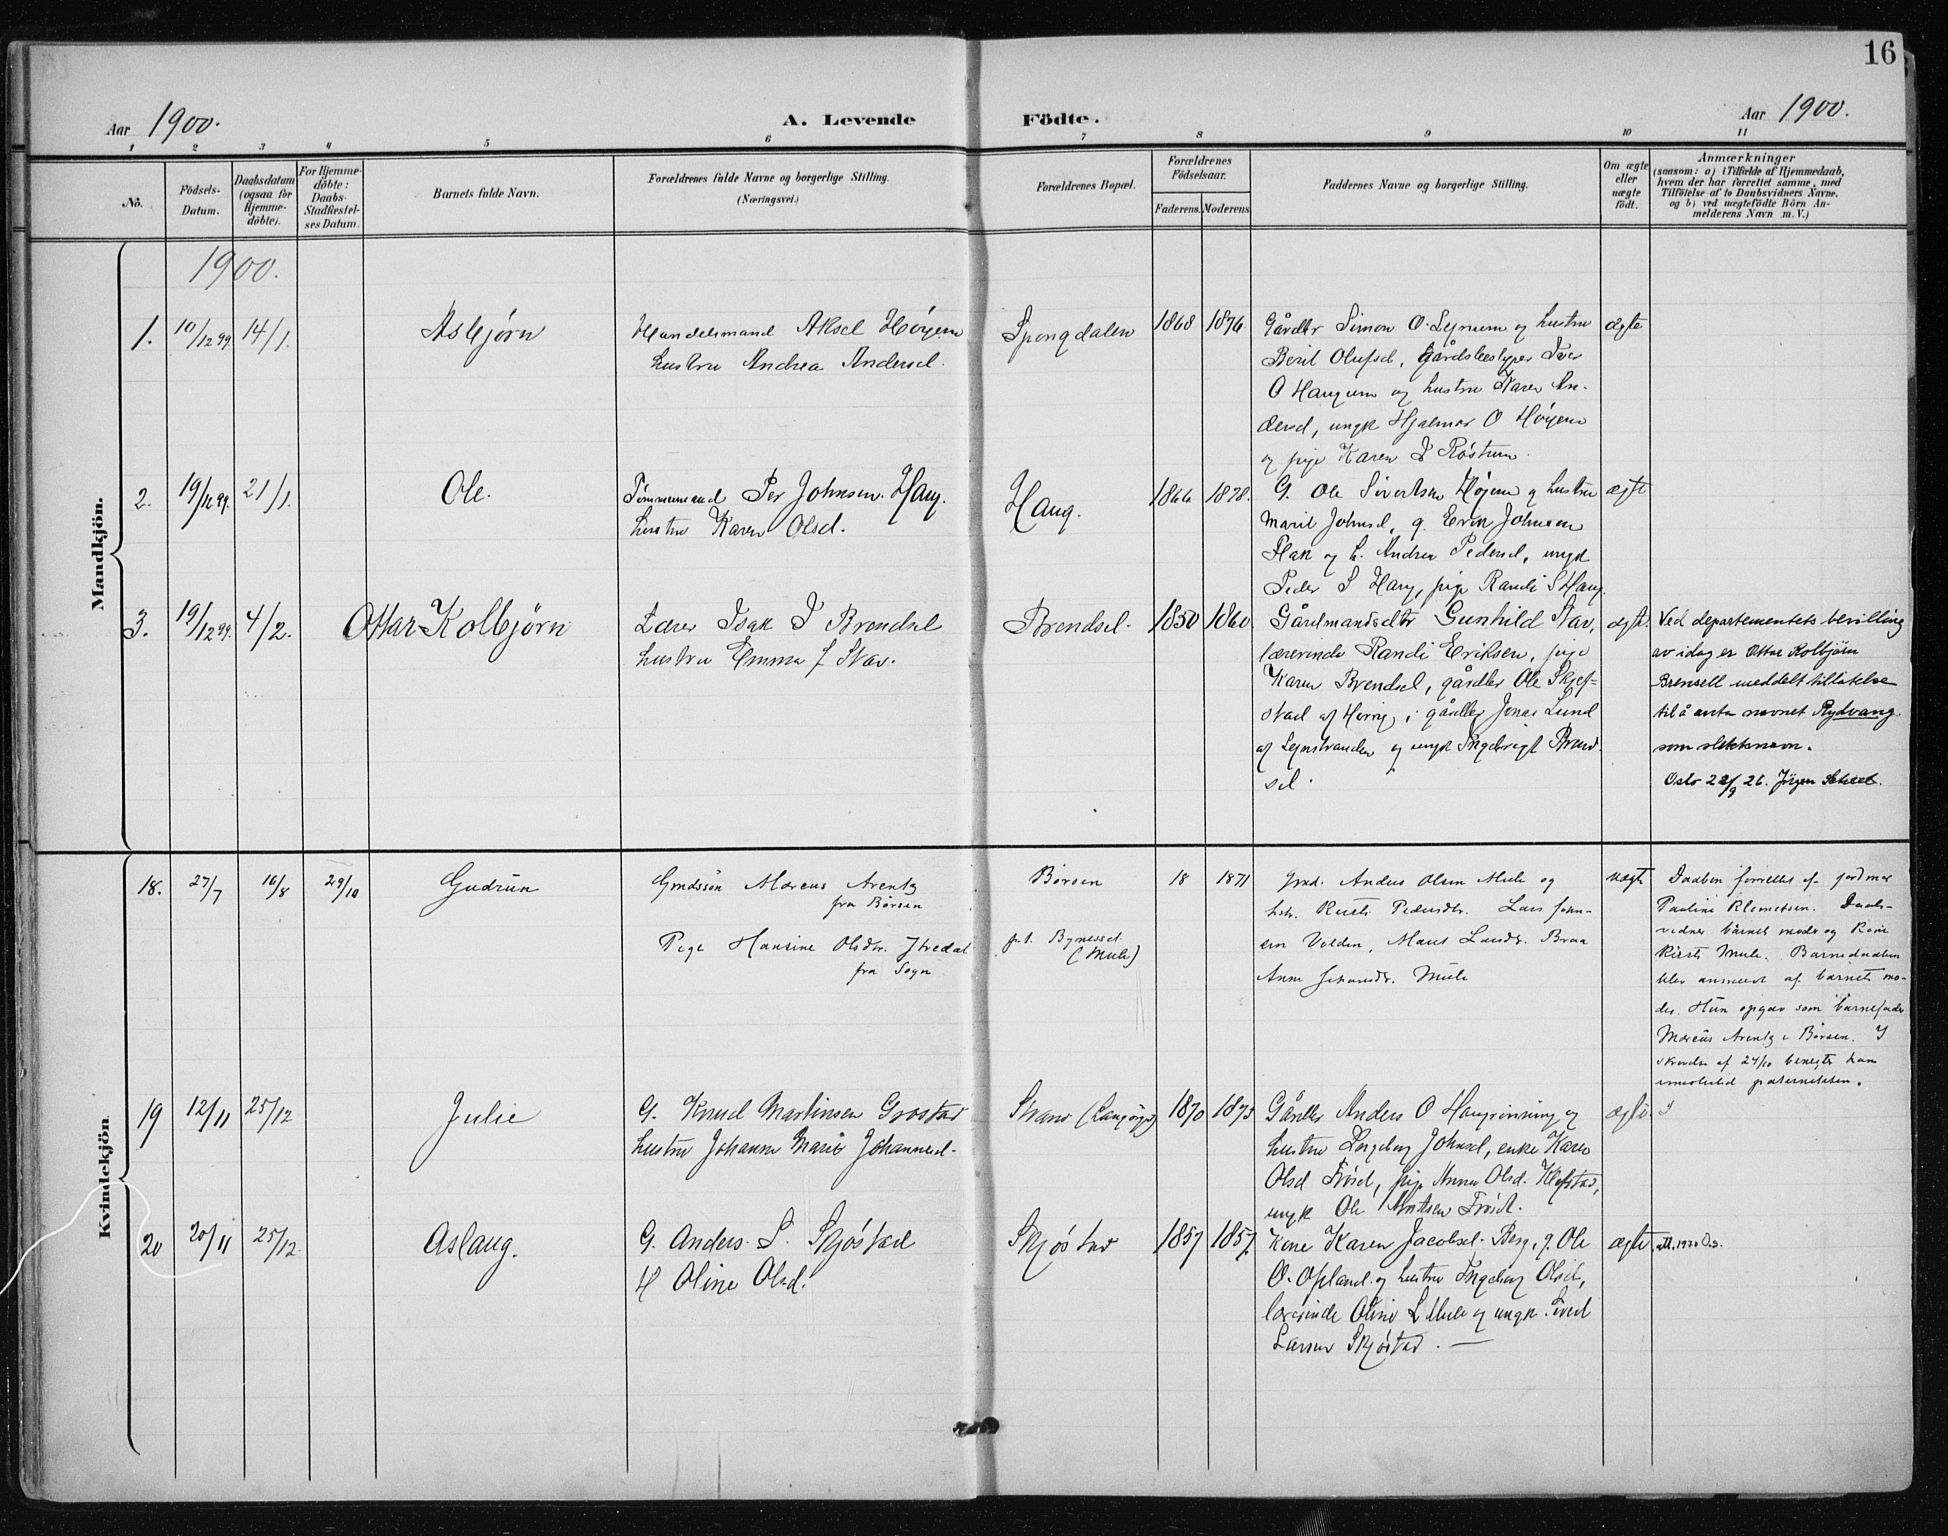 SAT, Ministerialprotokoller, klokkerbøker og fødselsregistre - Sør-Trøndelag, 612/L0380: Ministerialbok nr. 612A12, 1898-1907, s. 16